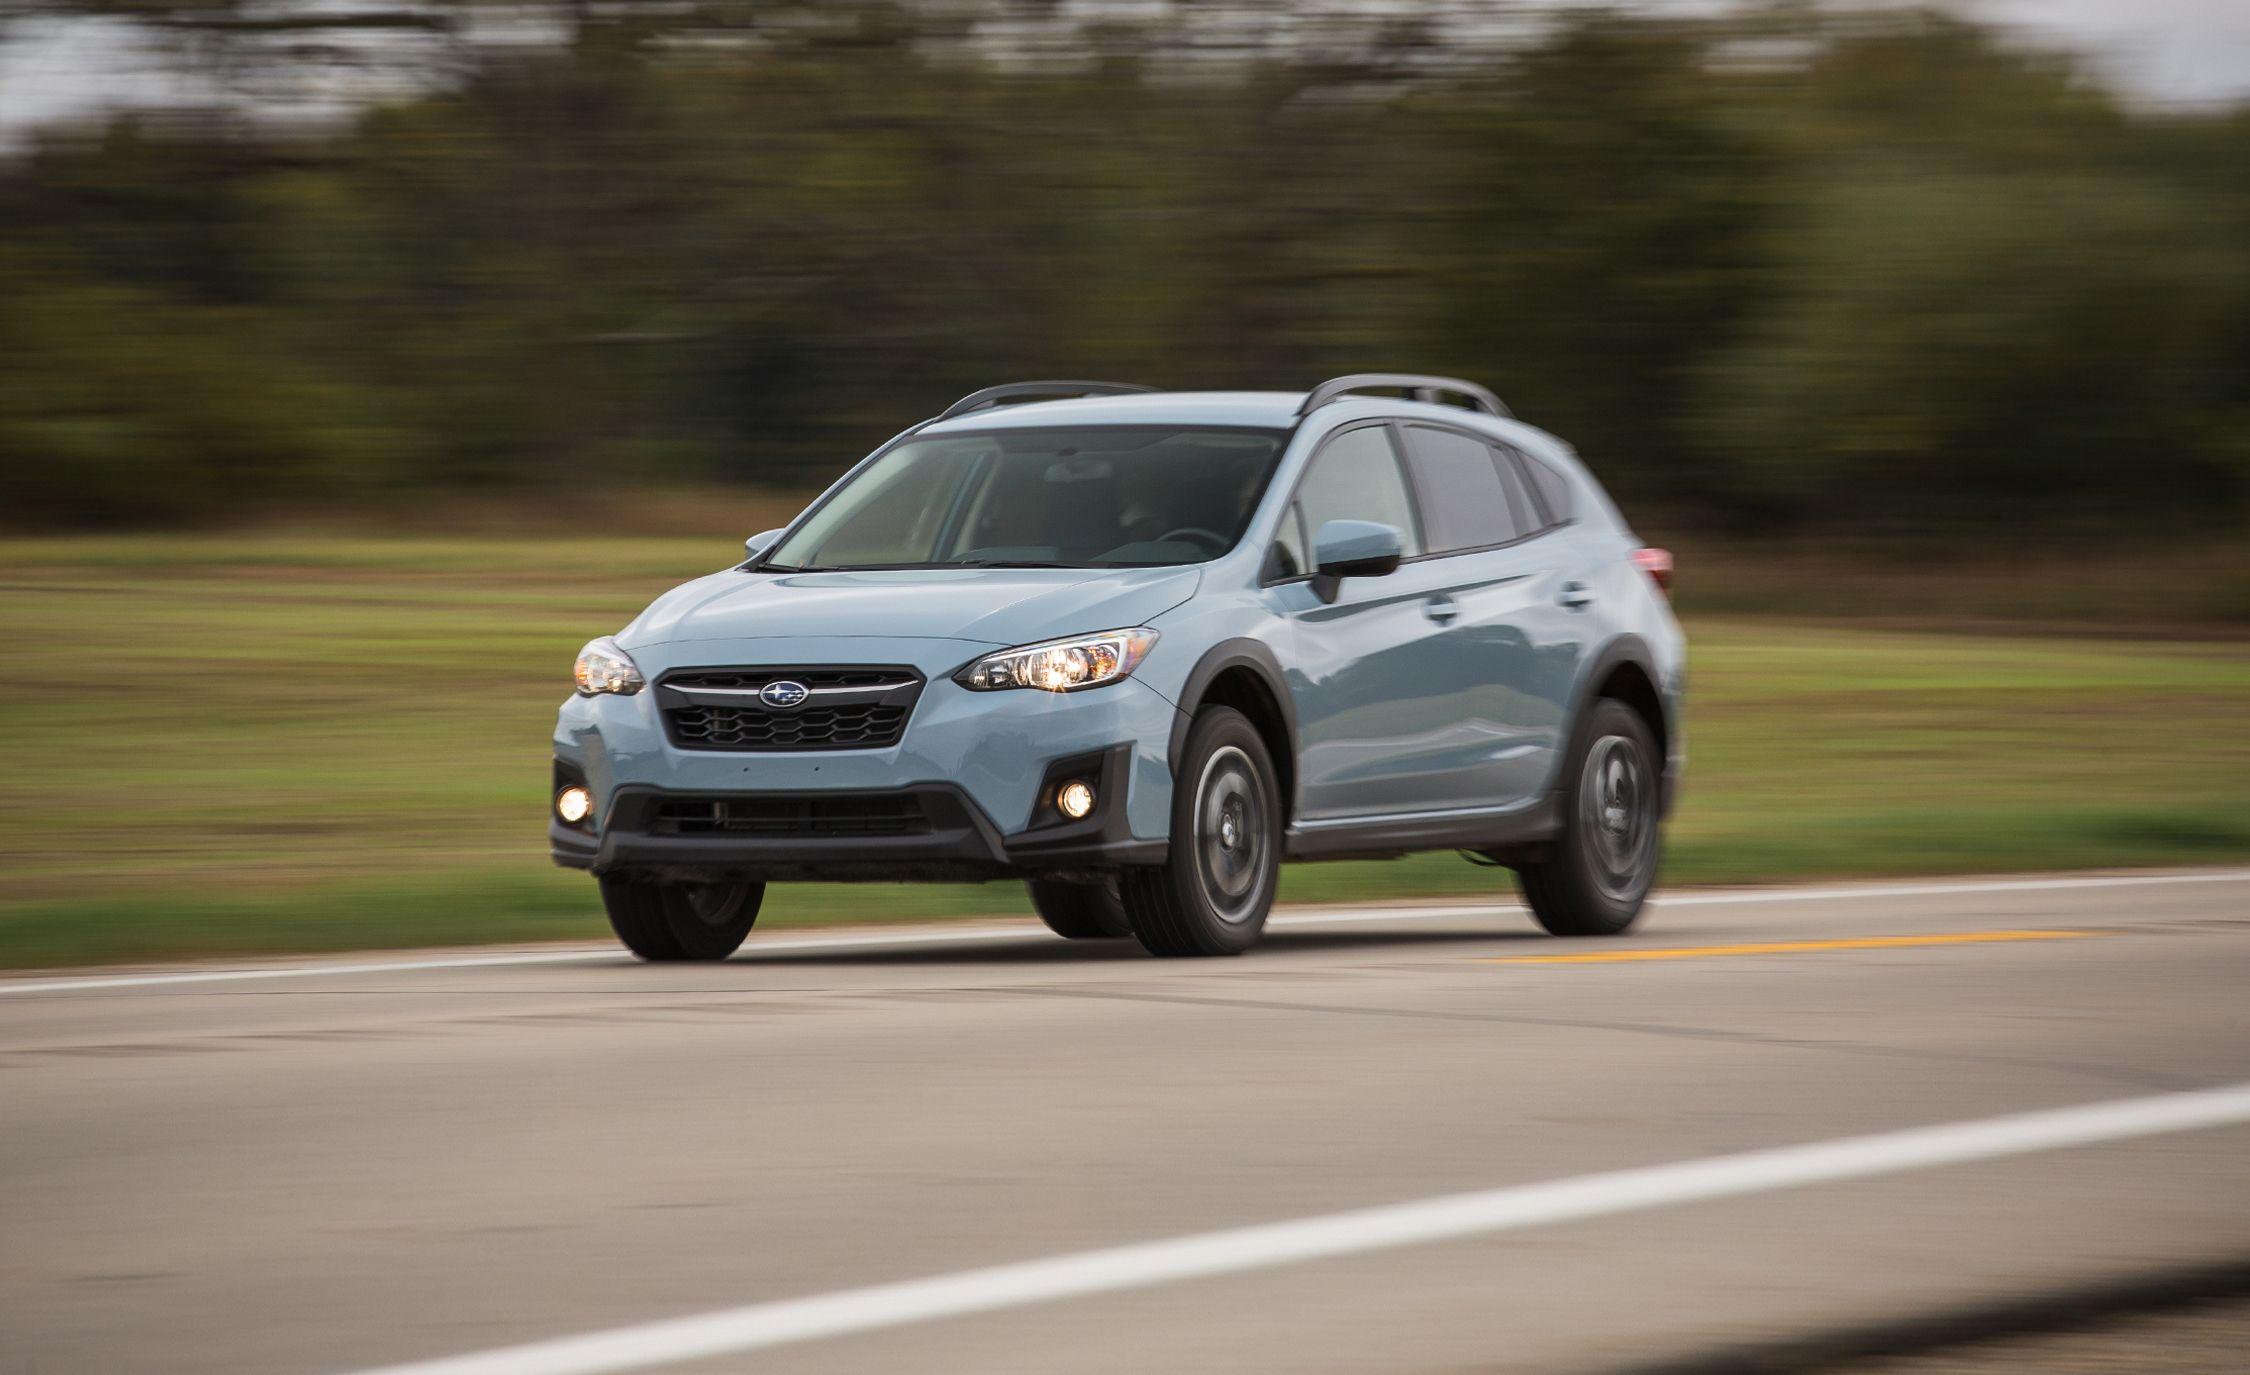 2018 Subaru Crosstrek Manual